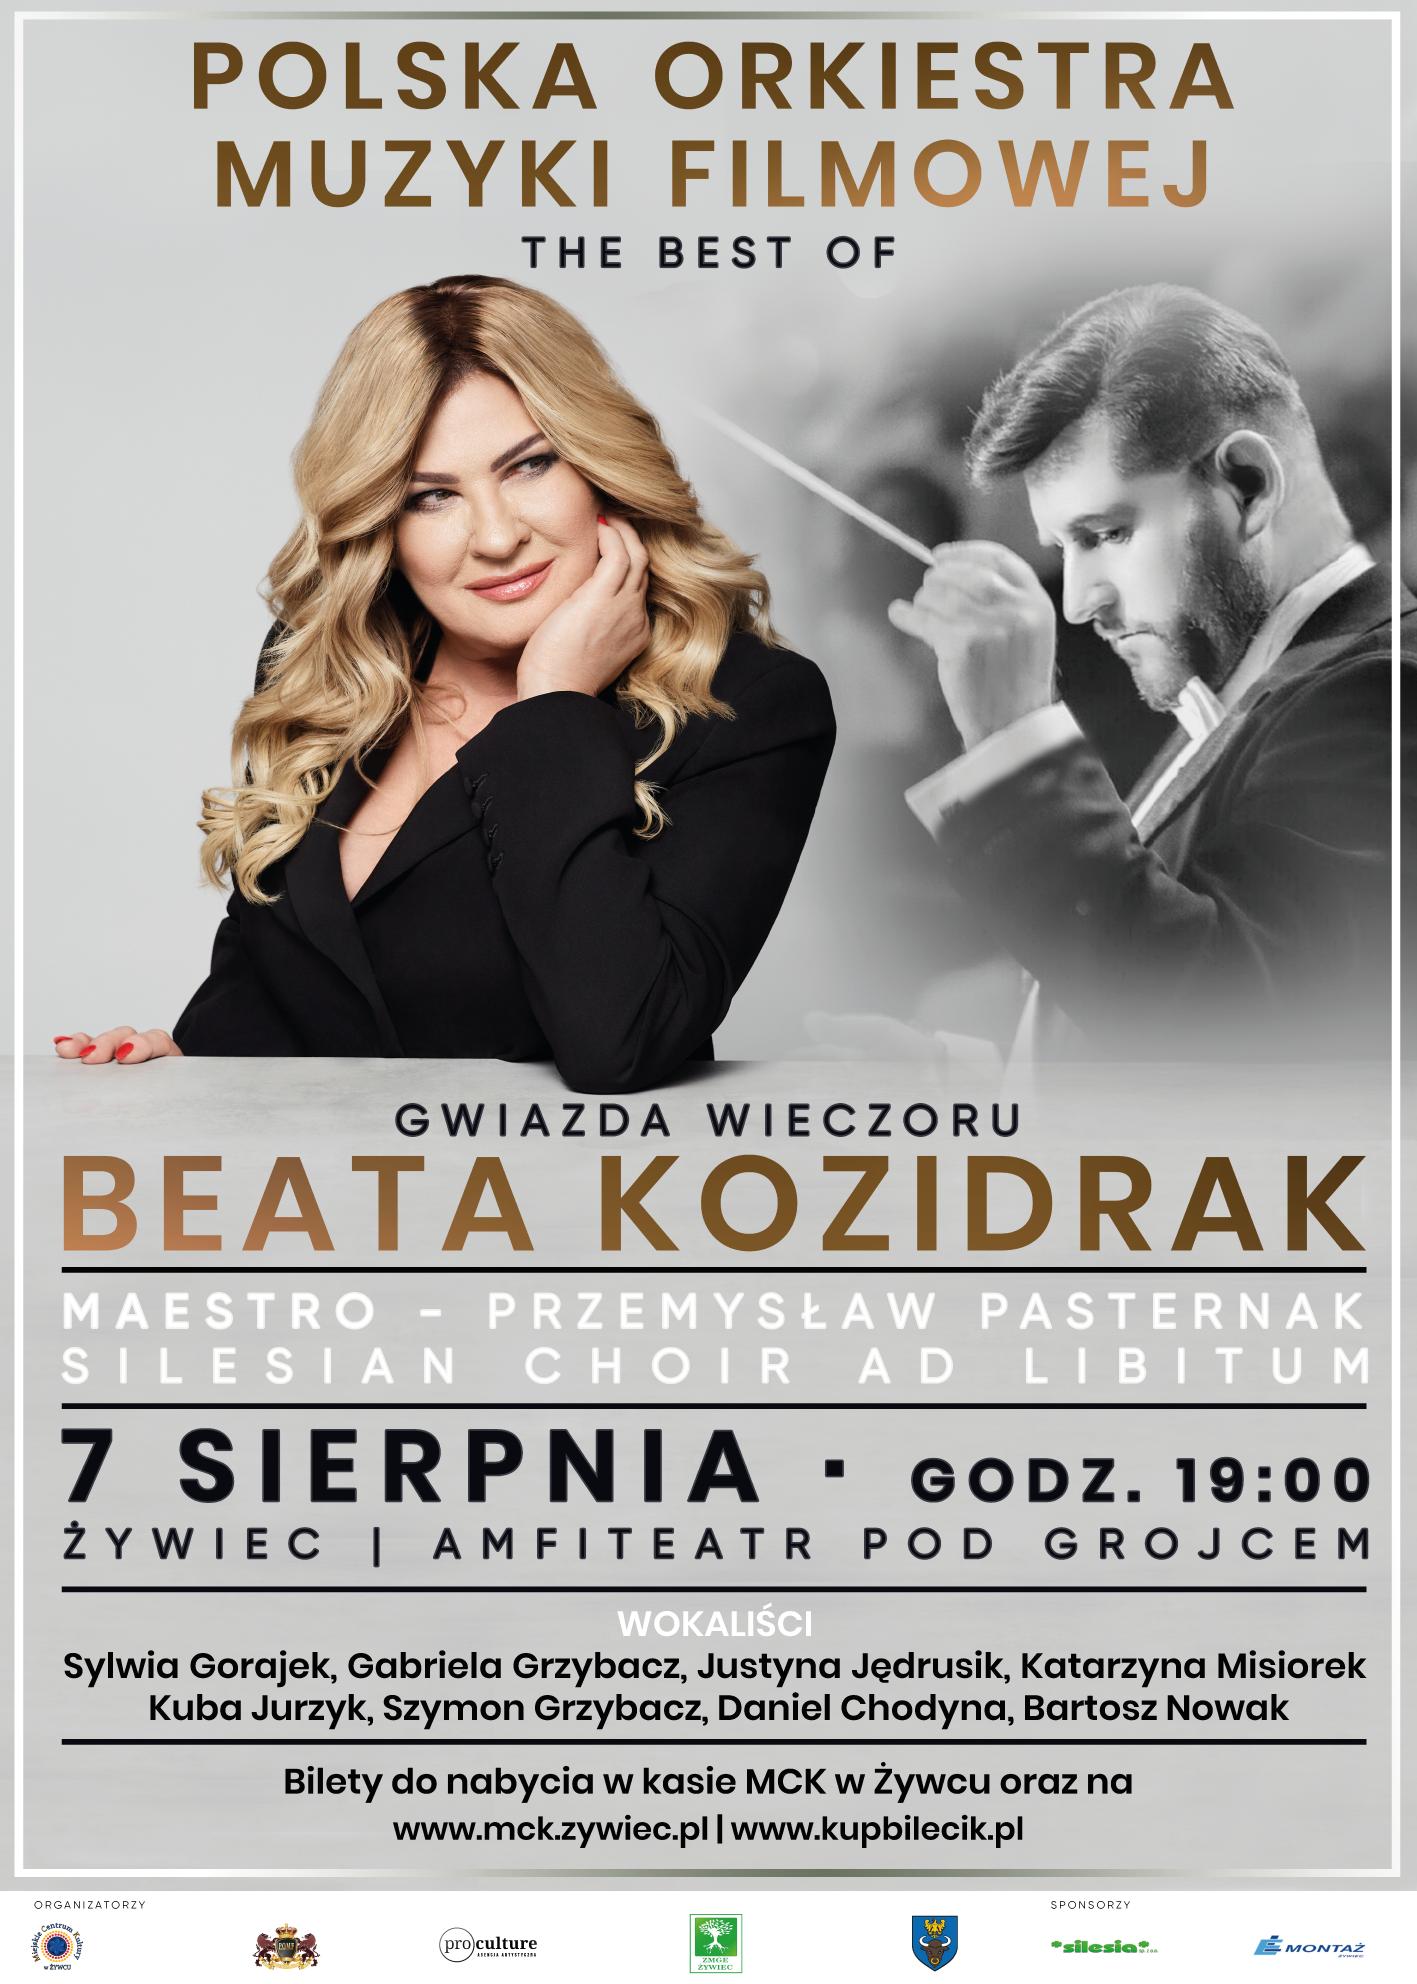 Polska Orkiestra Muzyki Filmowej - The Best Of